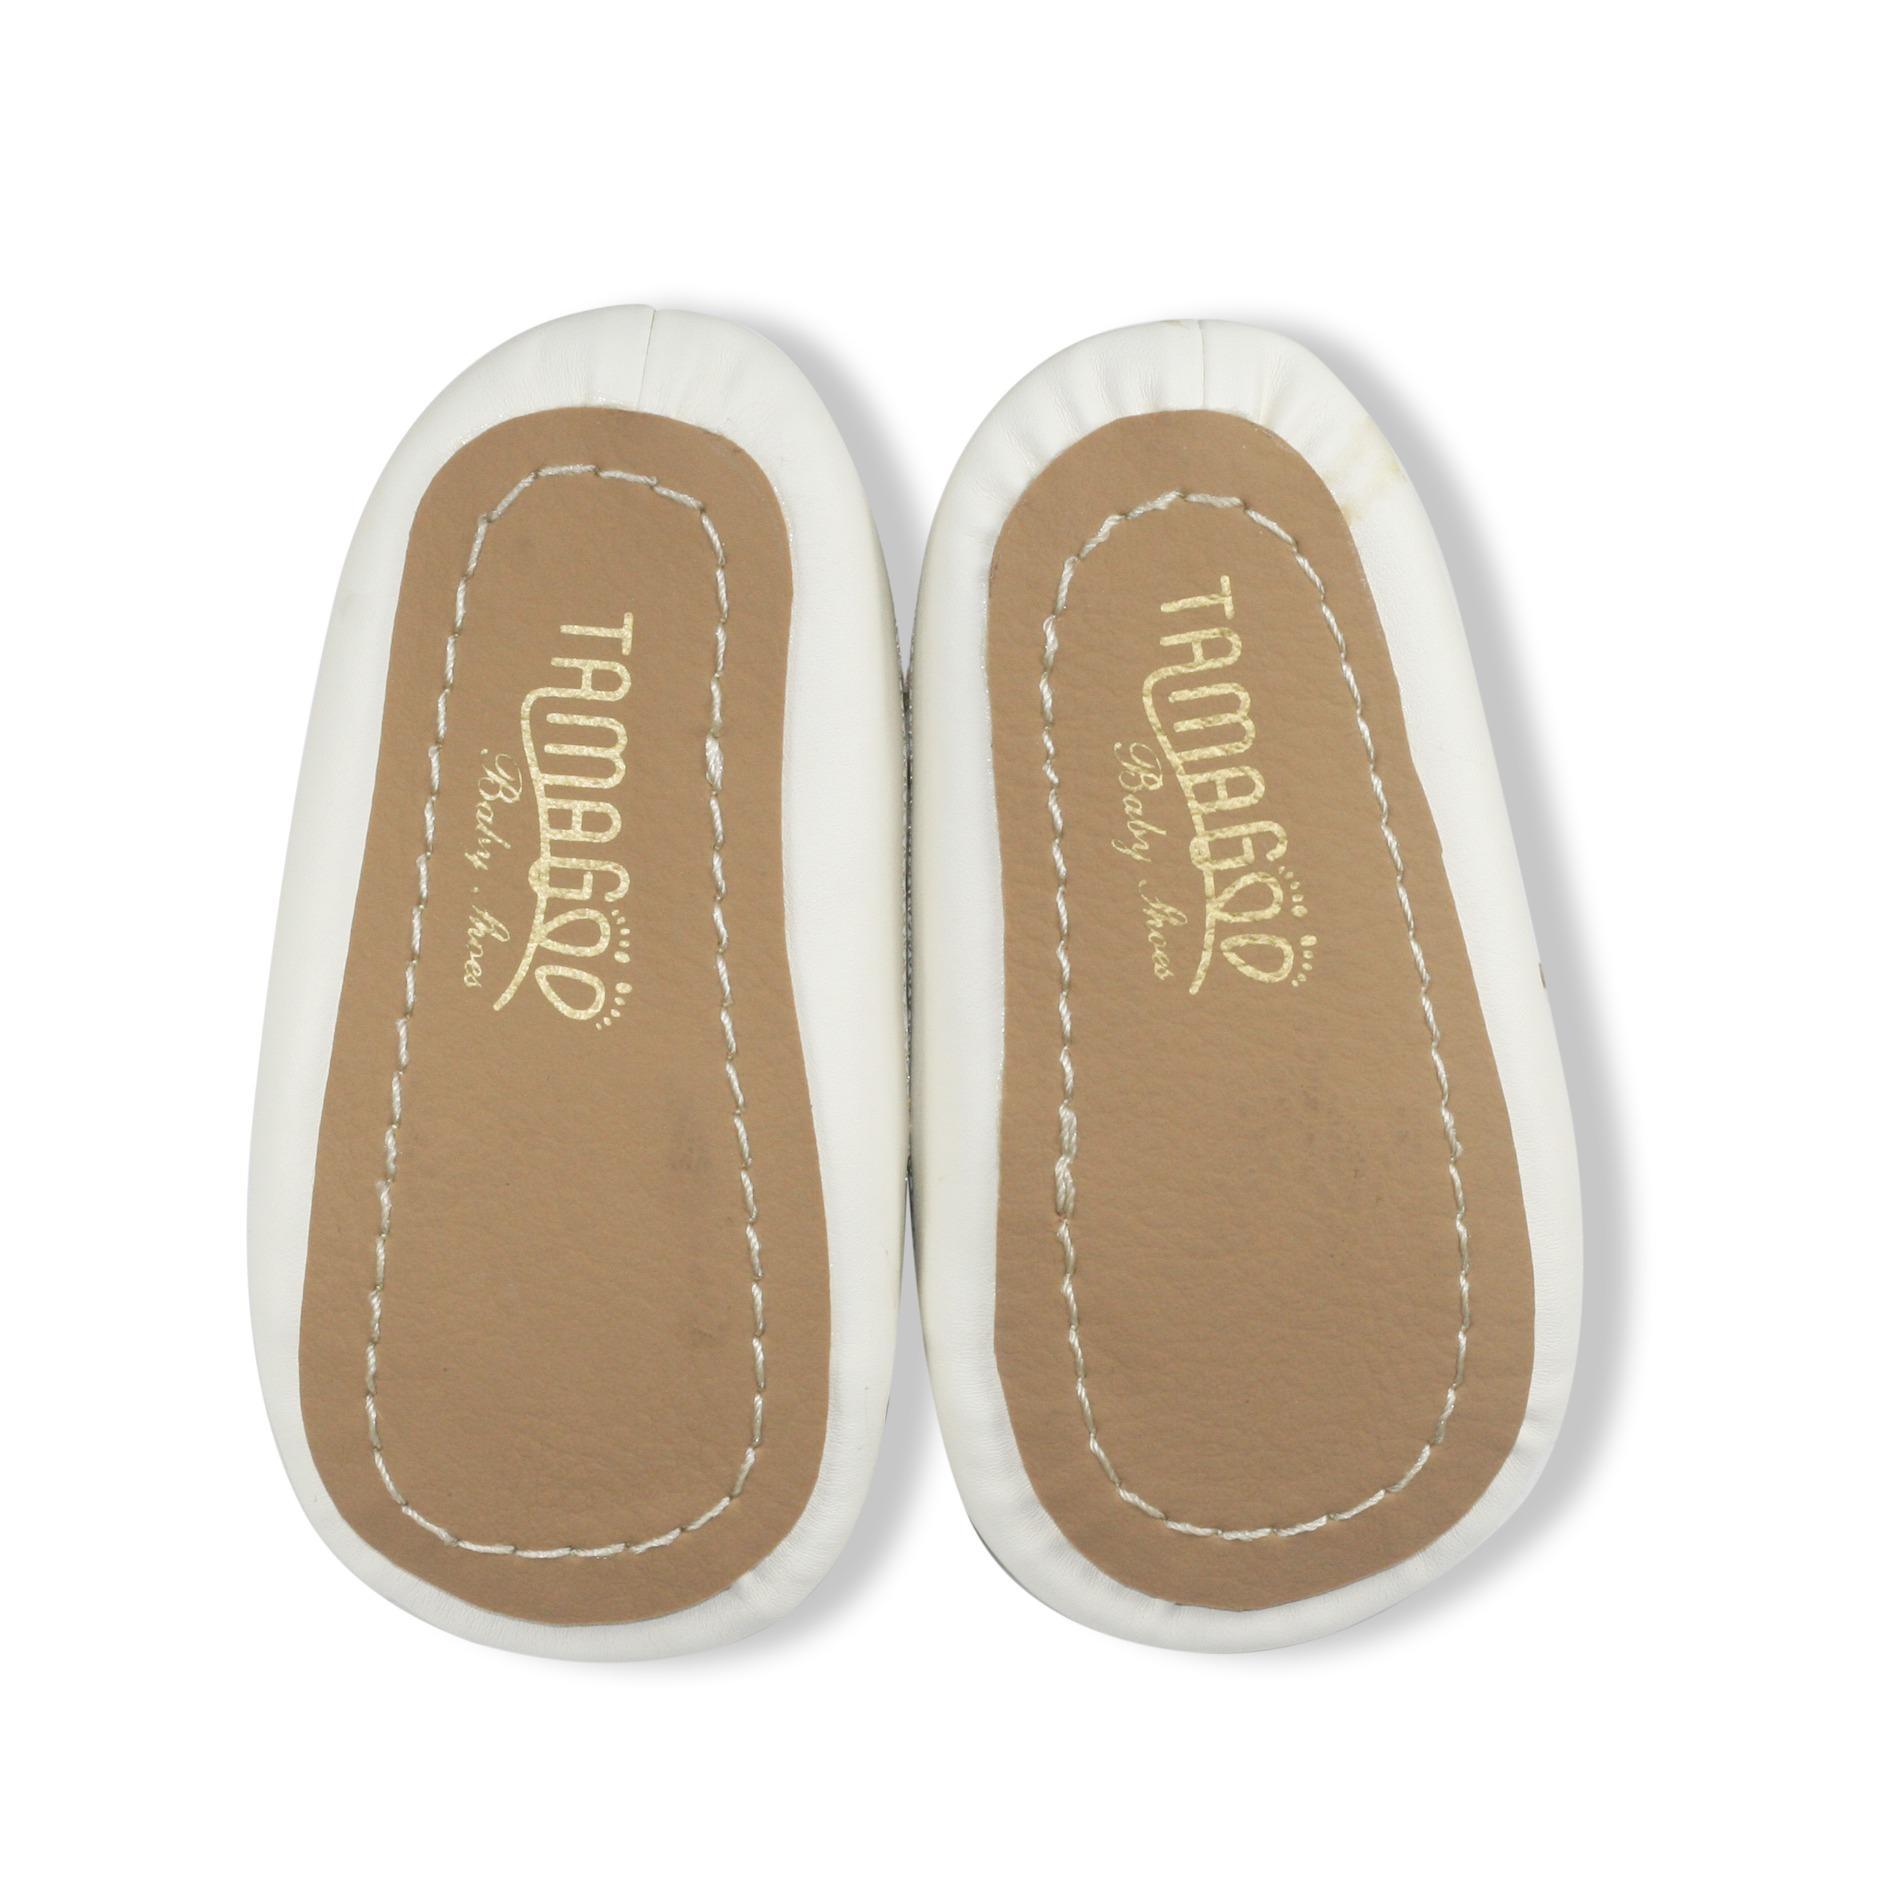 Tamagoo Sepatu Bayi Laki Baby Shoes Prewalker Peter Brown Alex Series  3 6 Bulan Abu Muda